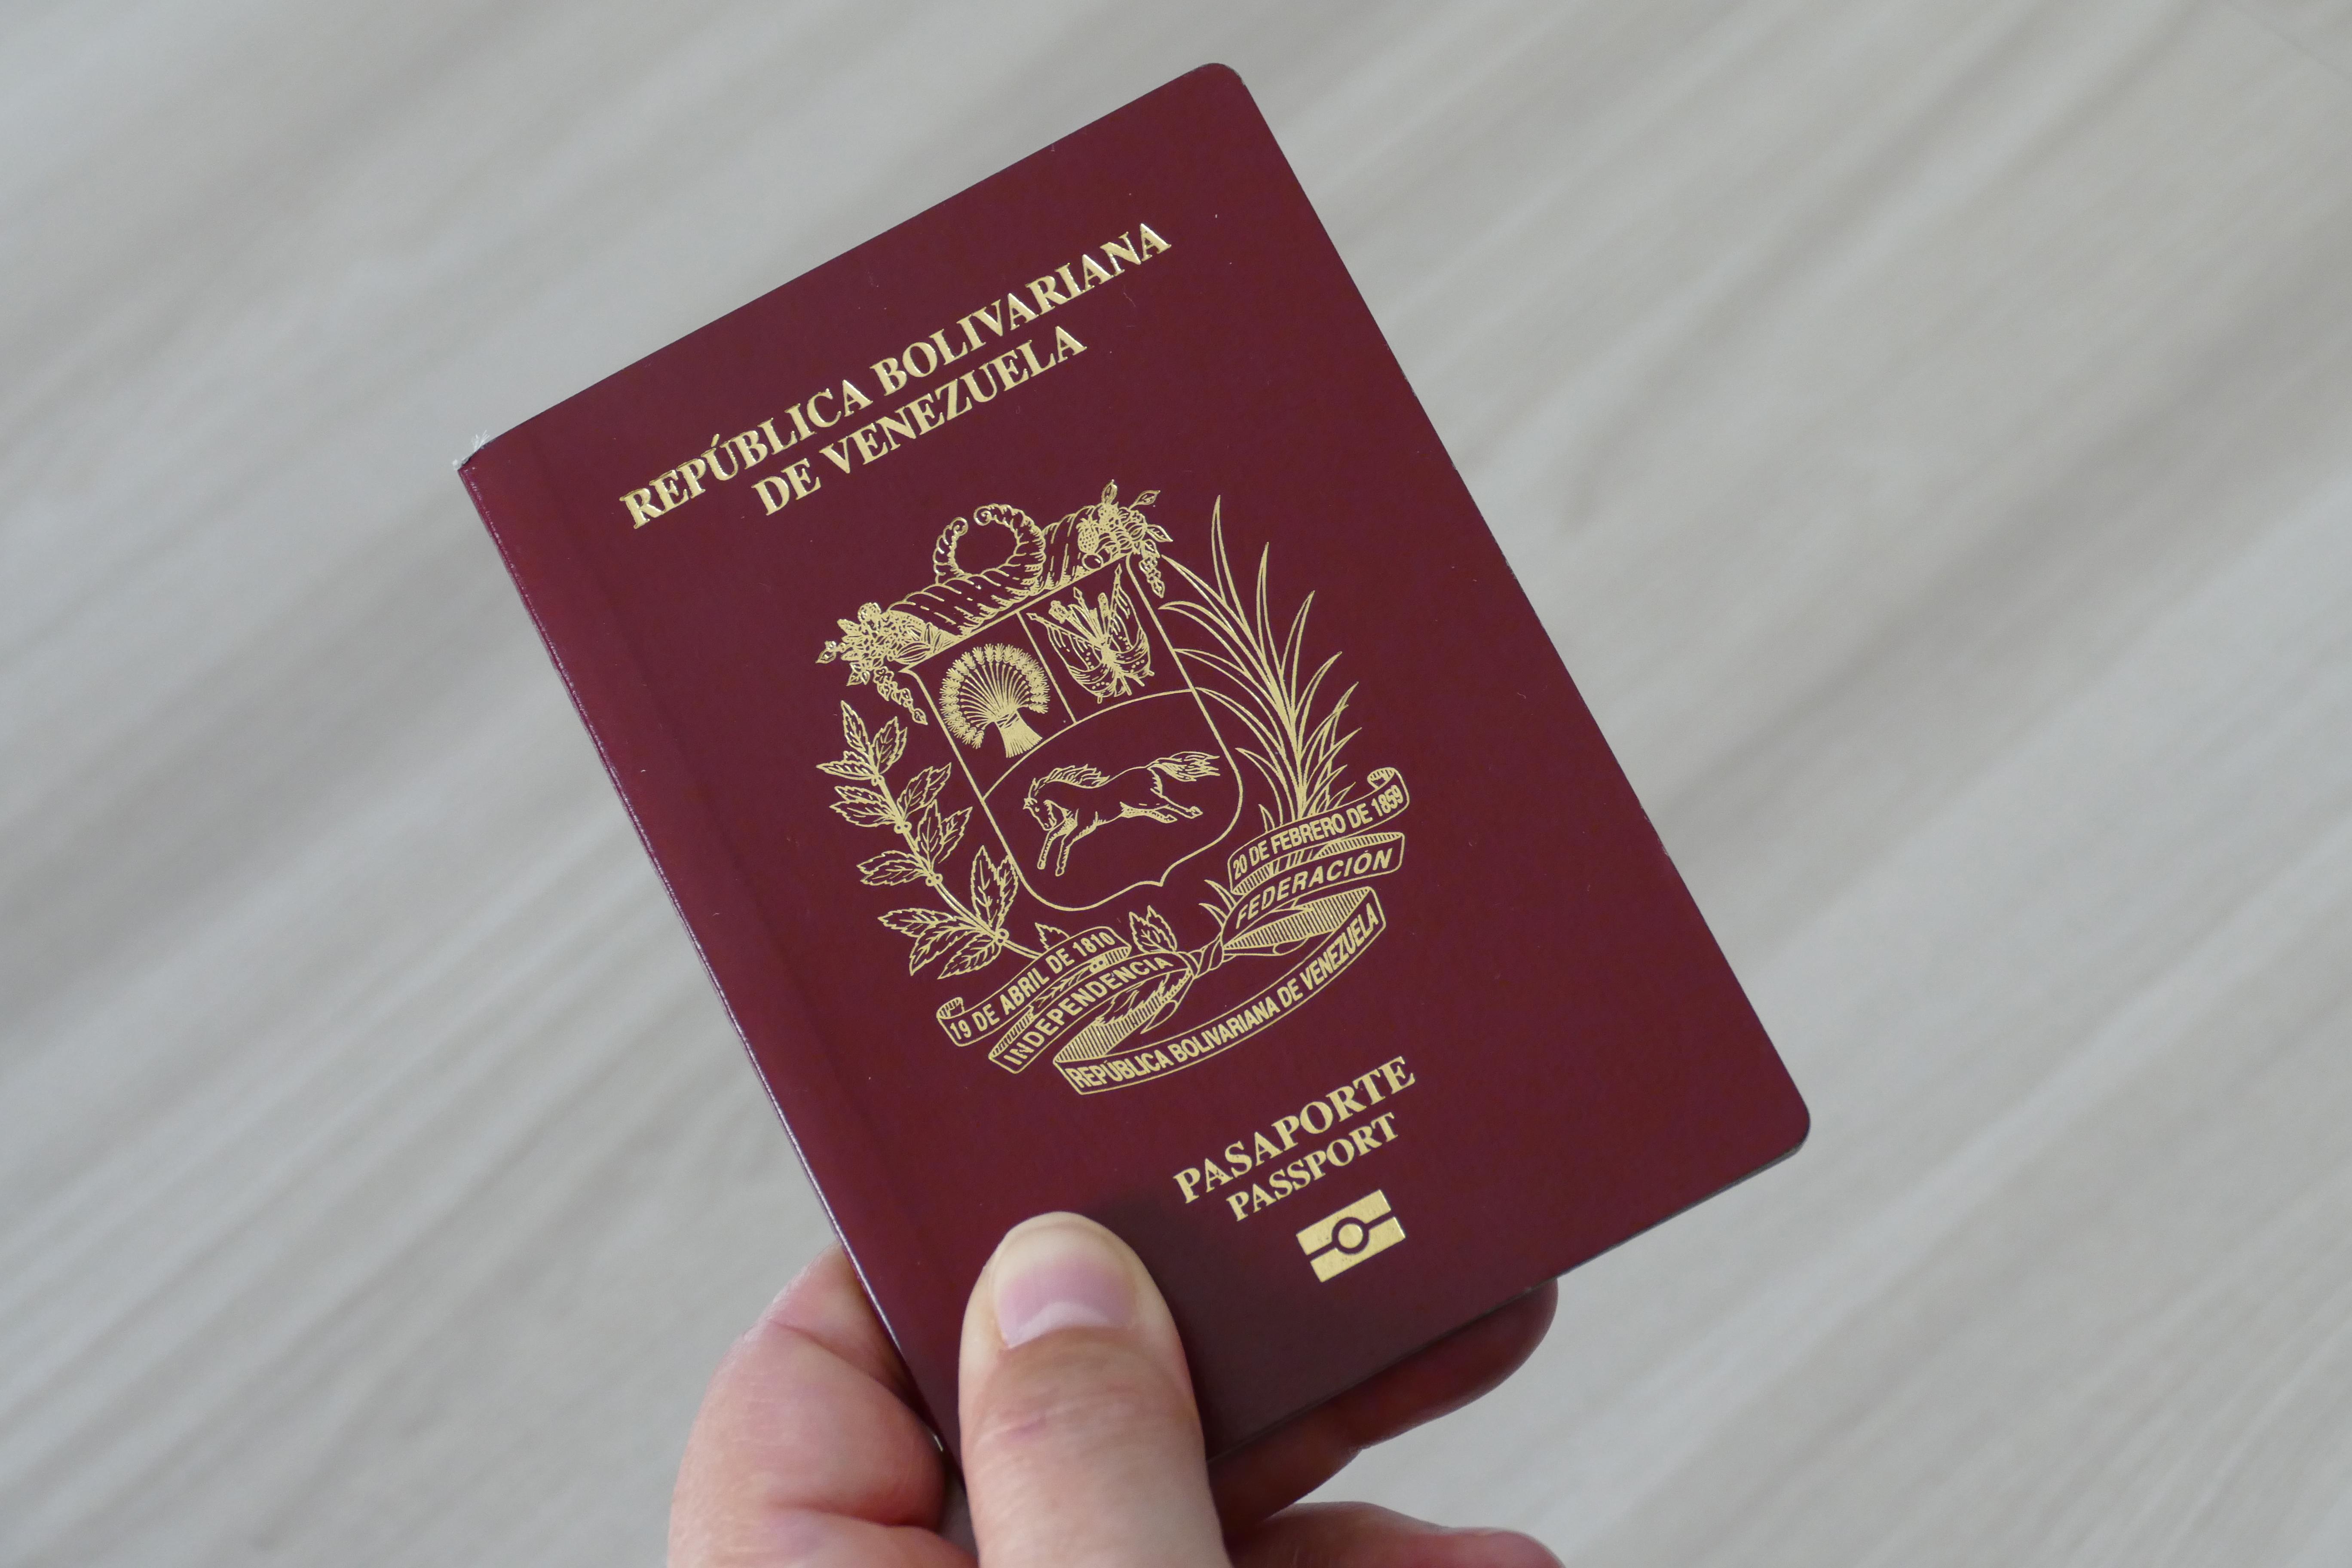 Венесуэльский паспорт, который могут оформить иностранцы